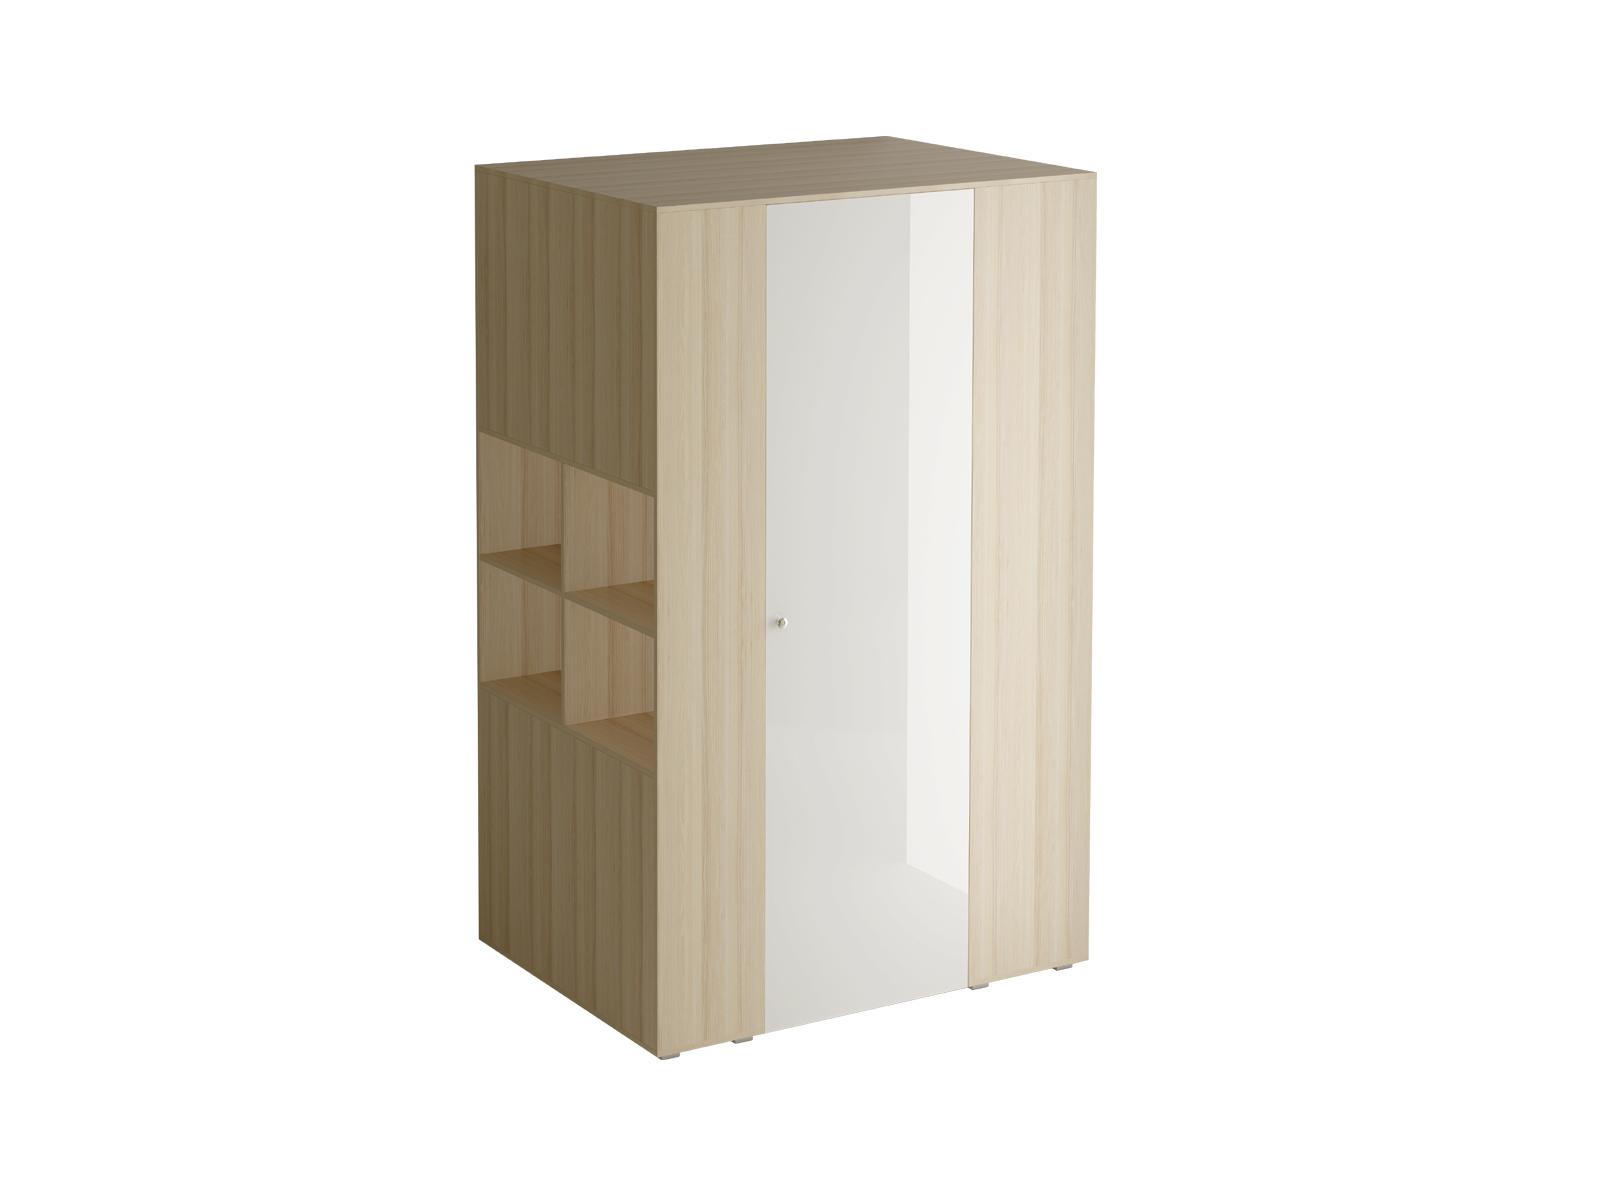 Шкаф-гардероб PlayШкафы<br>Шкаф-гардероб представляет собой многоцелевой шкаф для хранения одежды, обуви, книг, аксессуаров и других вещей. С  торца шкафа есть открытое отделение с полками. В нижней части находится панель для примыкания кровати или стола. Во внутреннем отделении шк...<br>